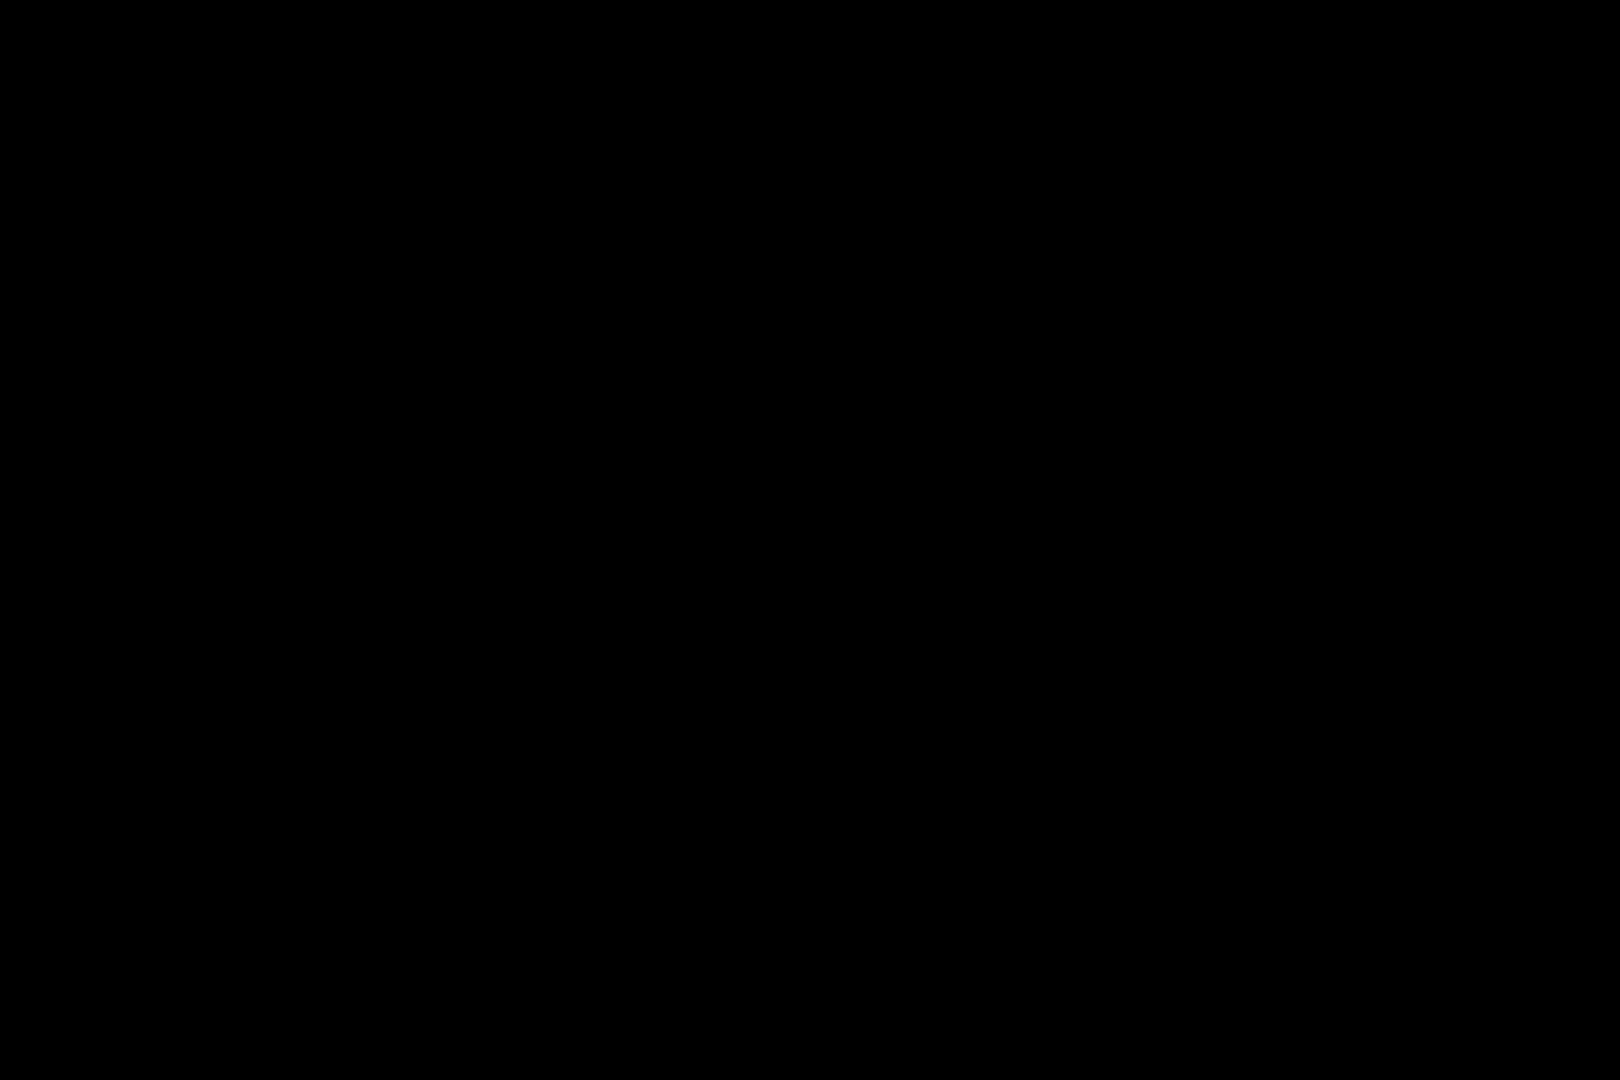 実録!ラブホテル~消し忘れ注意!昭和の色編~ vol.18 OLエロ画像 覗きおまんこ画像 73PICs 62